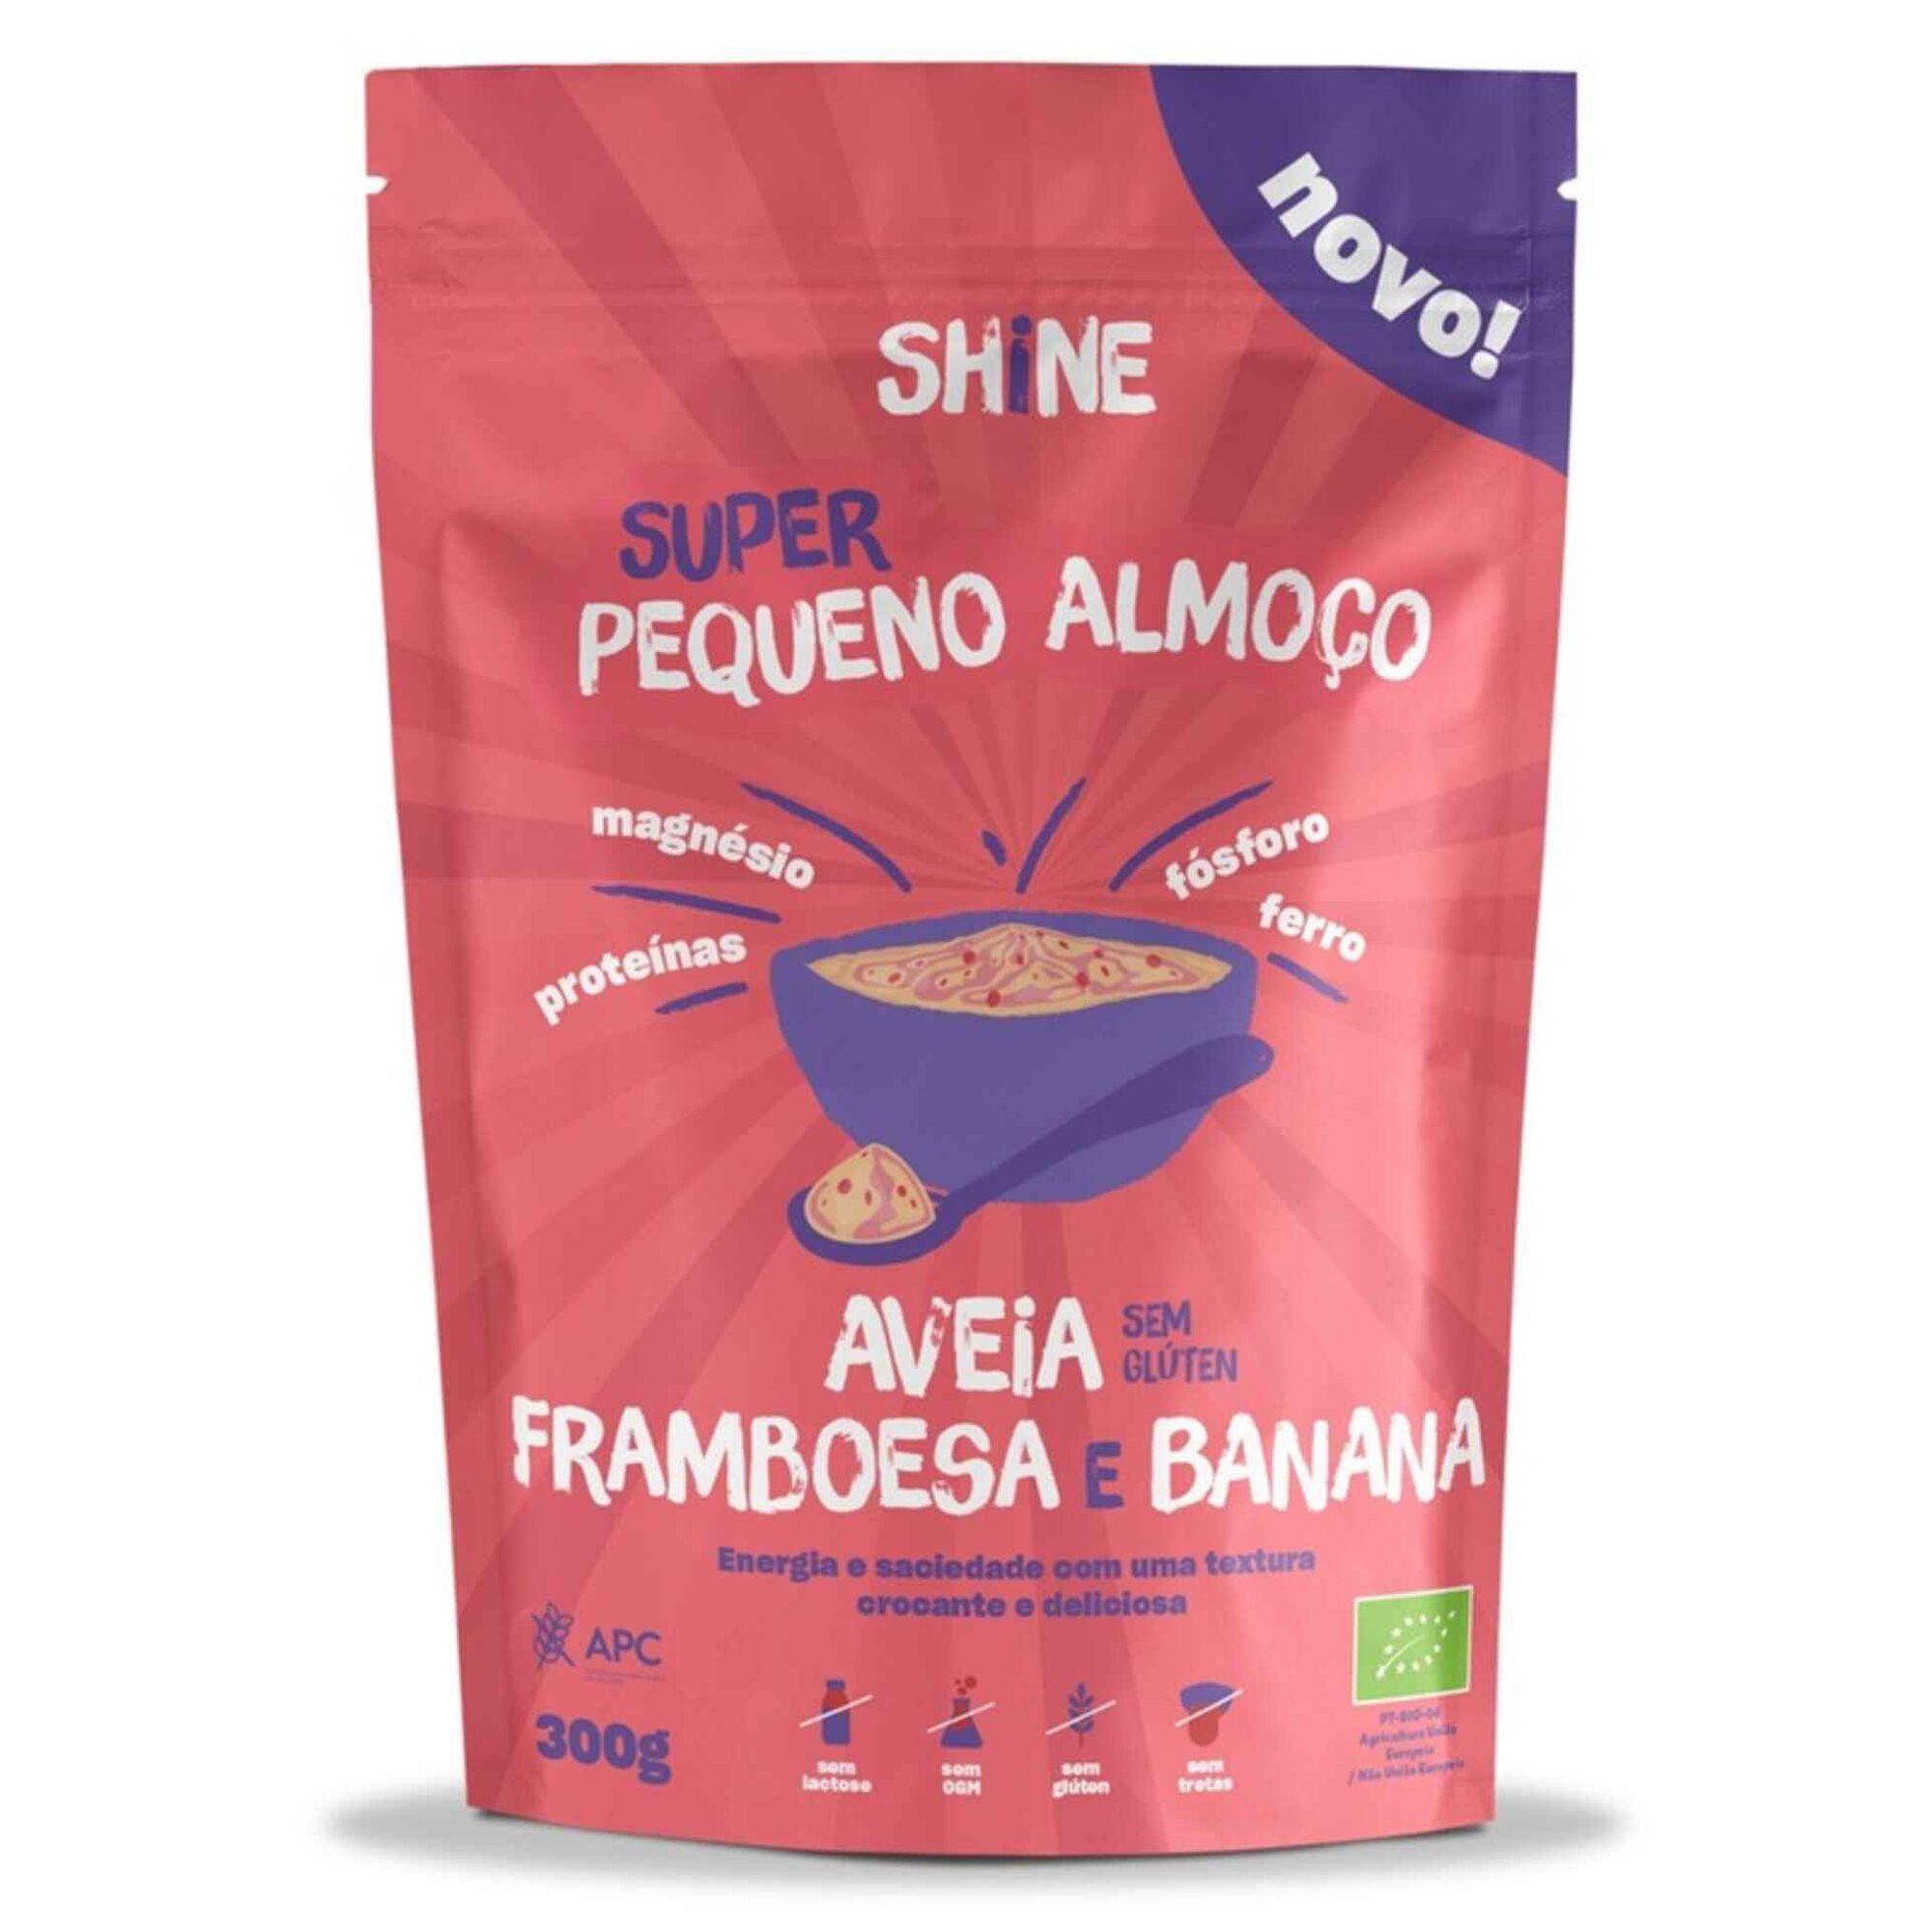 Pequeno Almoço Aveia, Framboesa e Banana sem Glúten Biológico